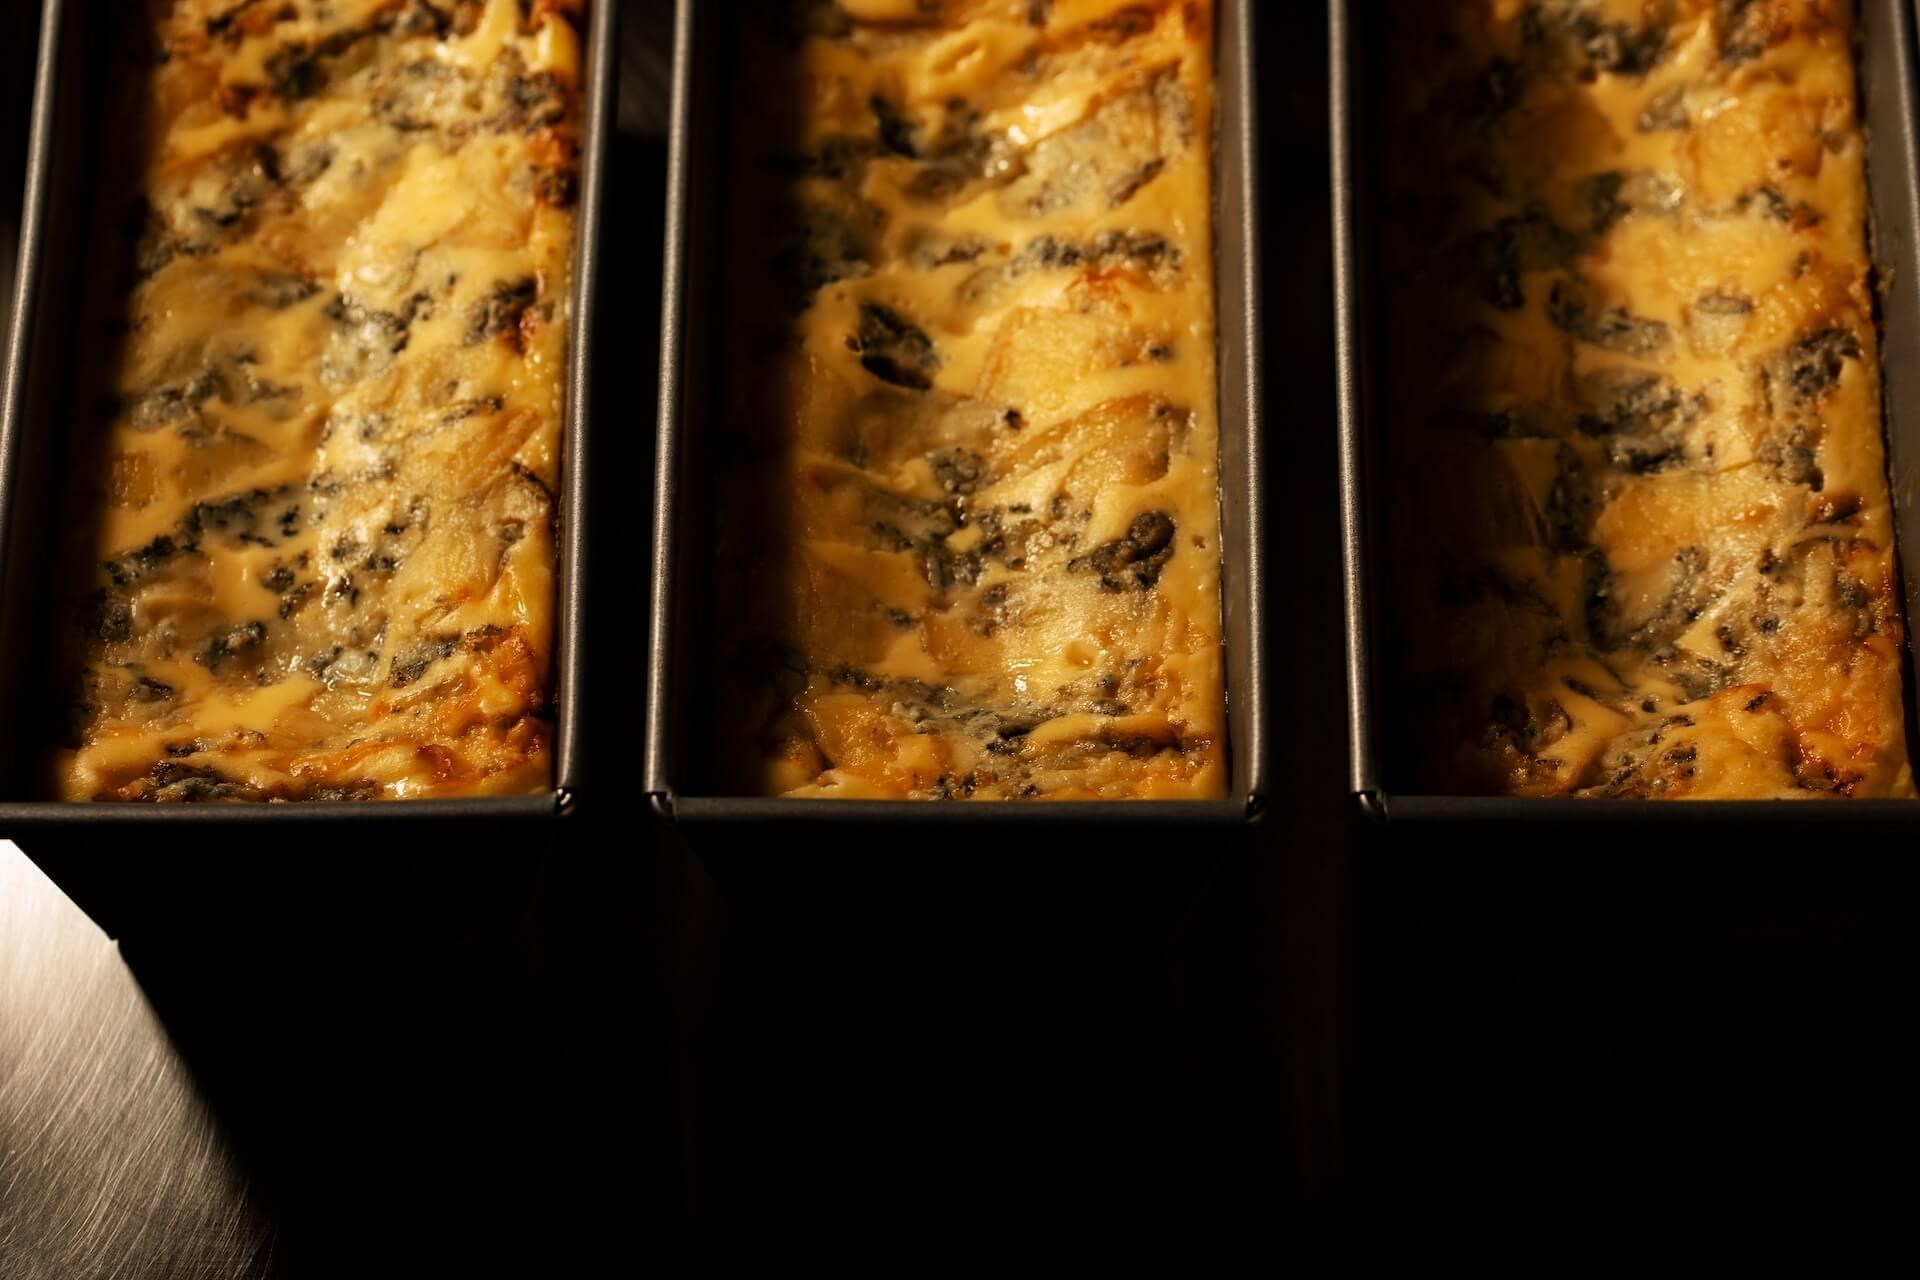 連日30分で完売の生ブルーチーズケーキ青が期間限定でルミネエスト新宿にオープン!芳香な香りのとろける生食感 gourmet200804_bluecheesecake_03